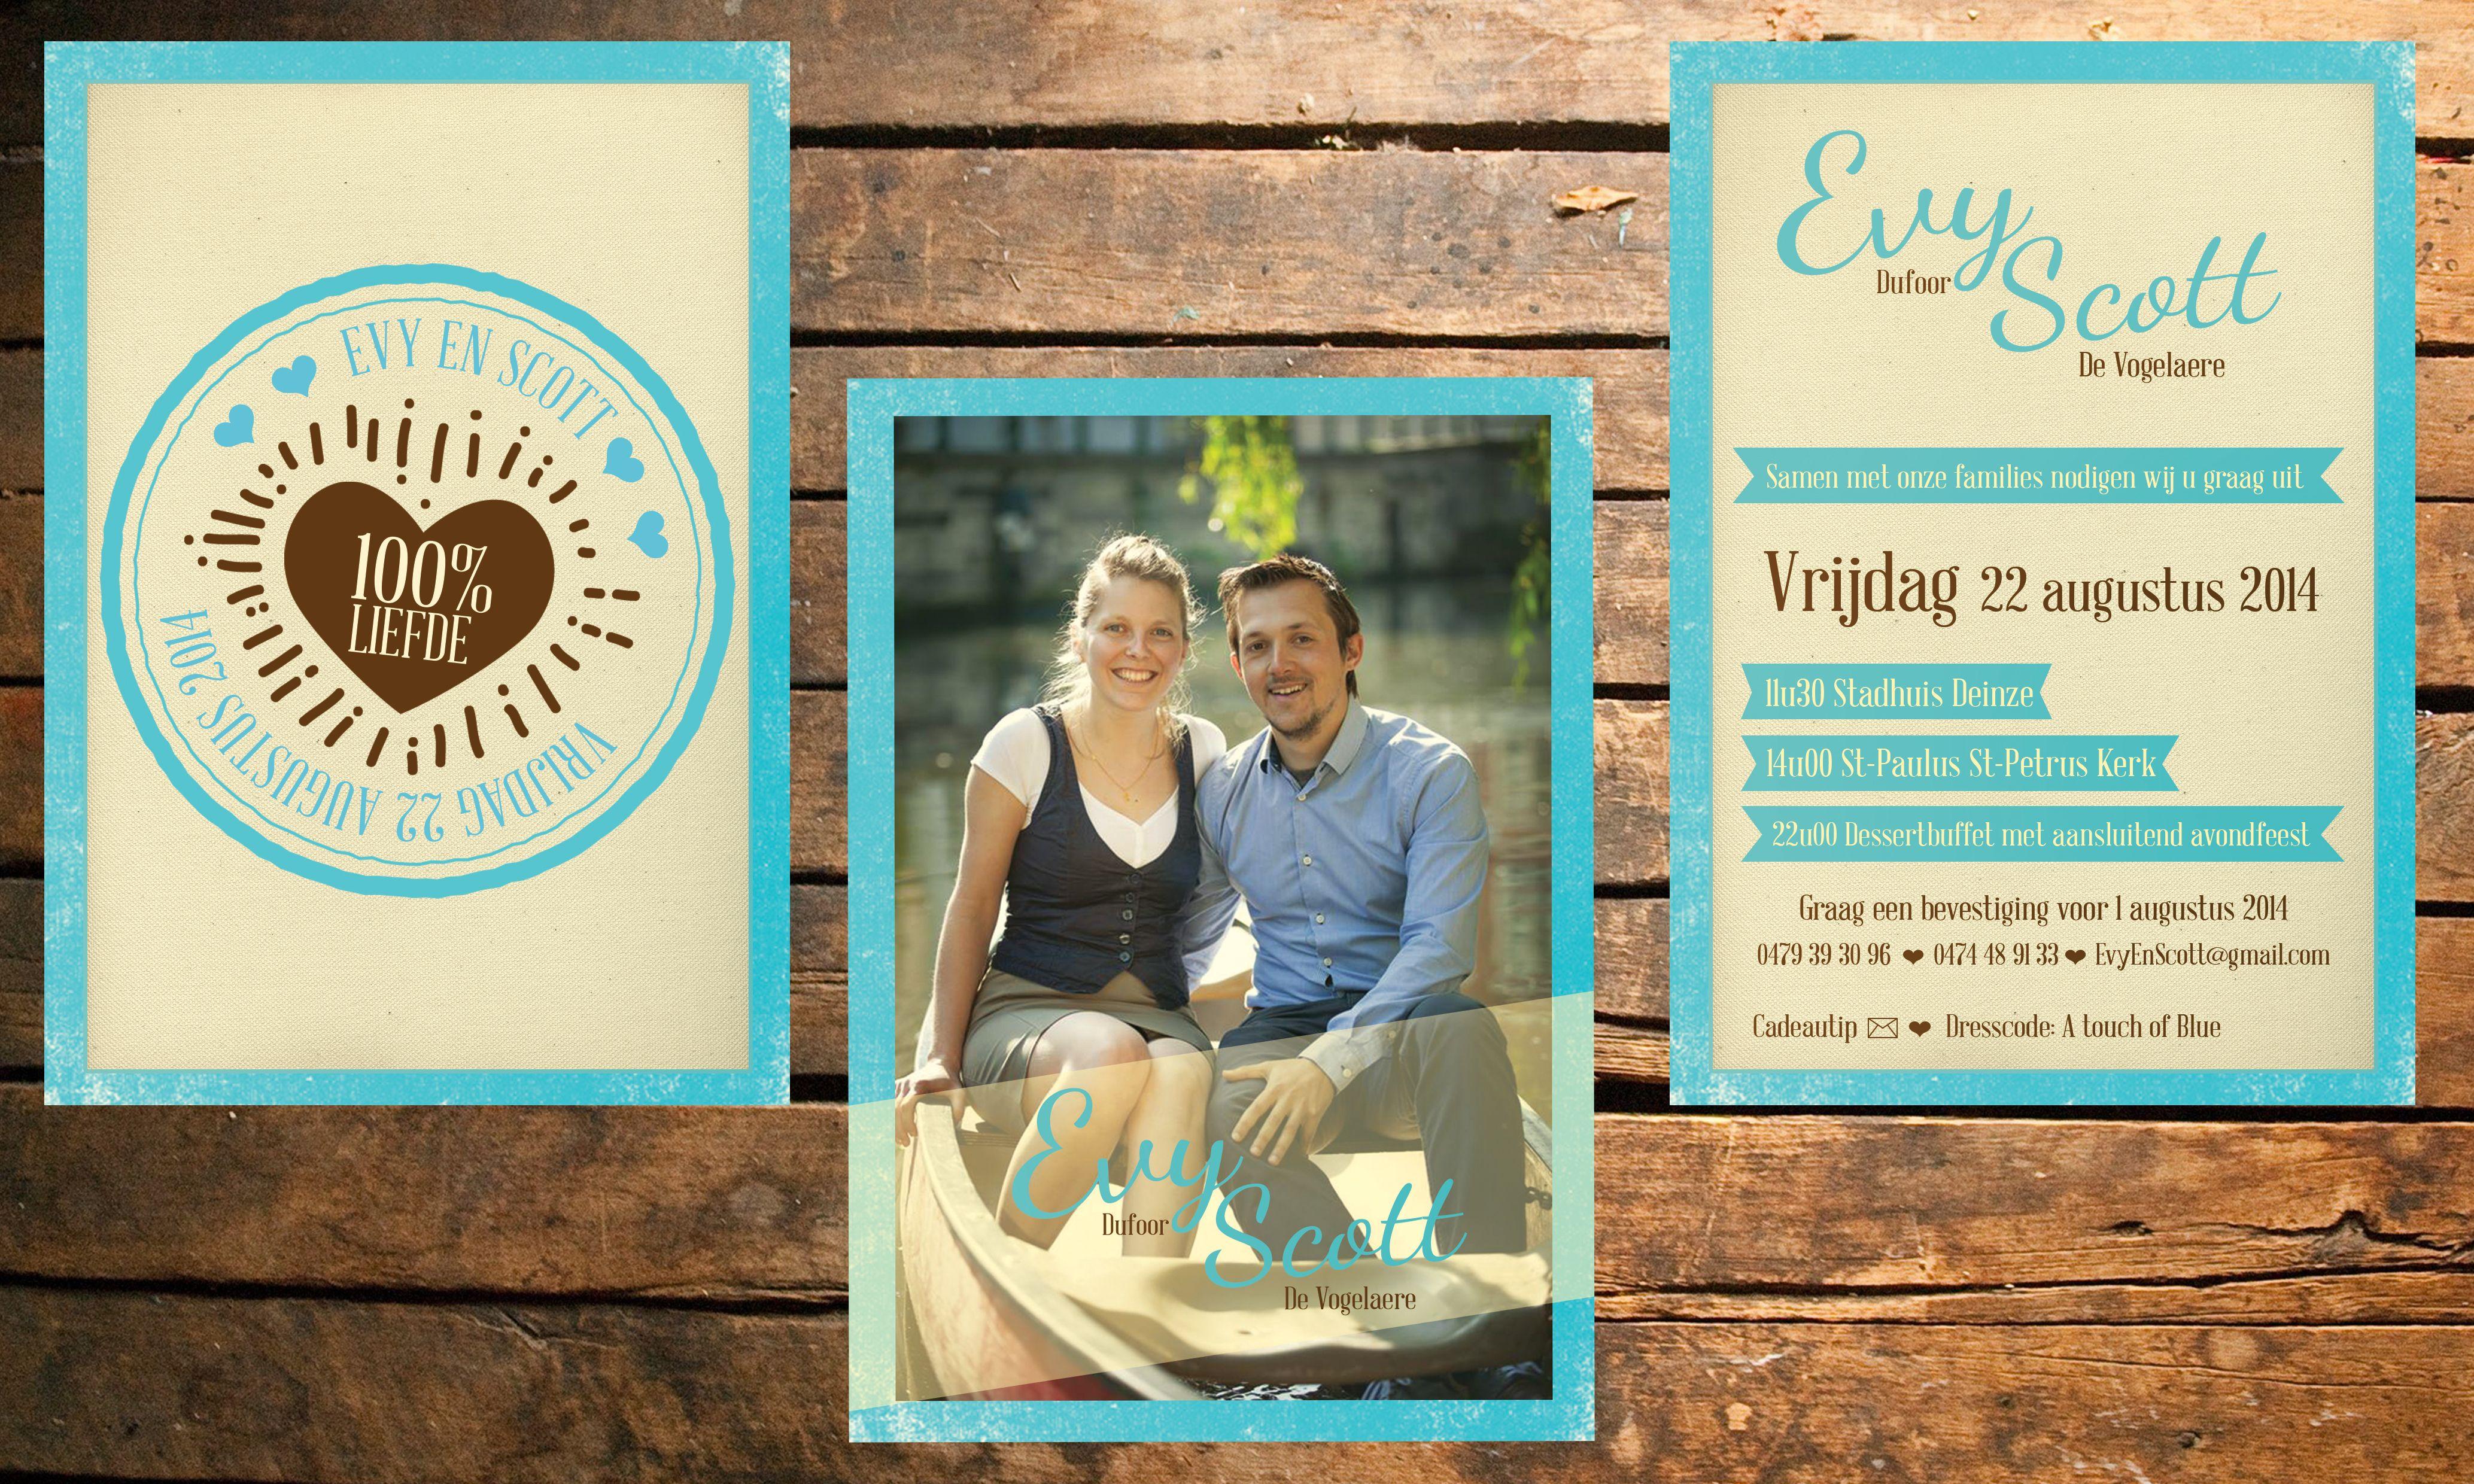 Our invitations. Onze uitnodigingen voor het dessertbuffet.